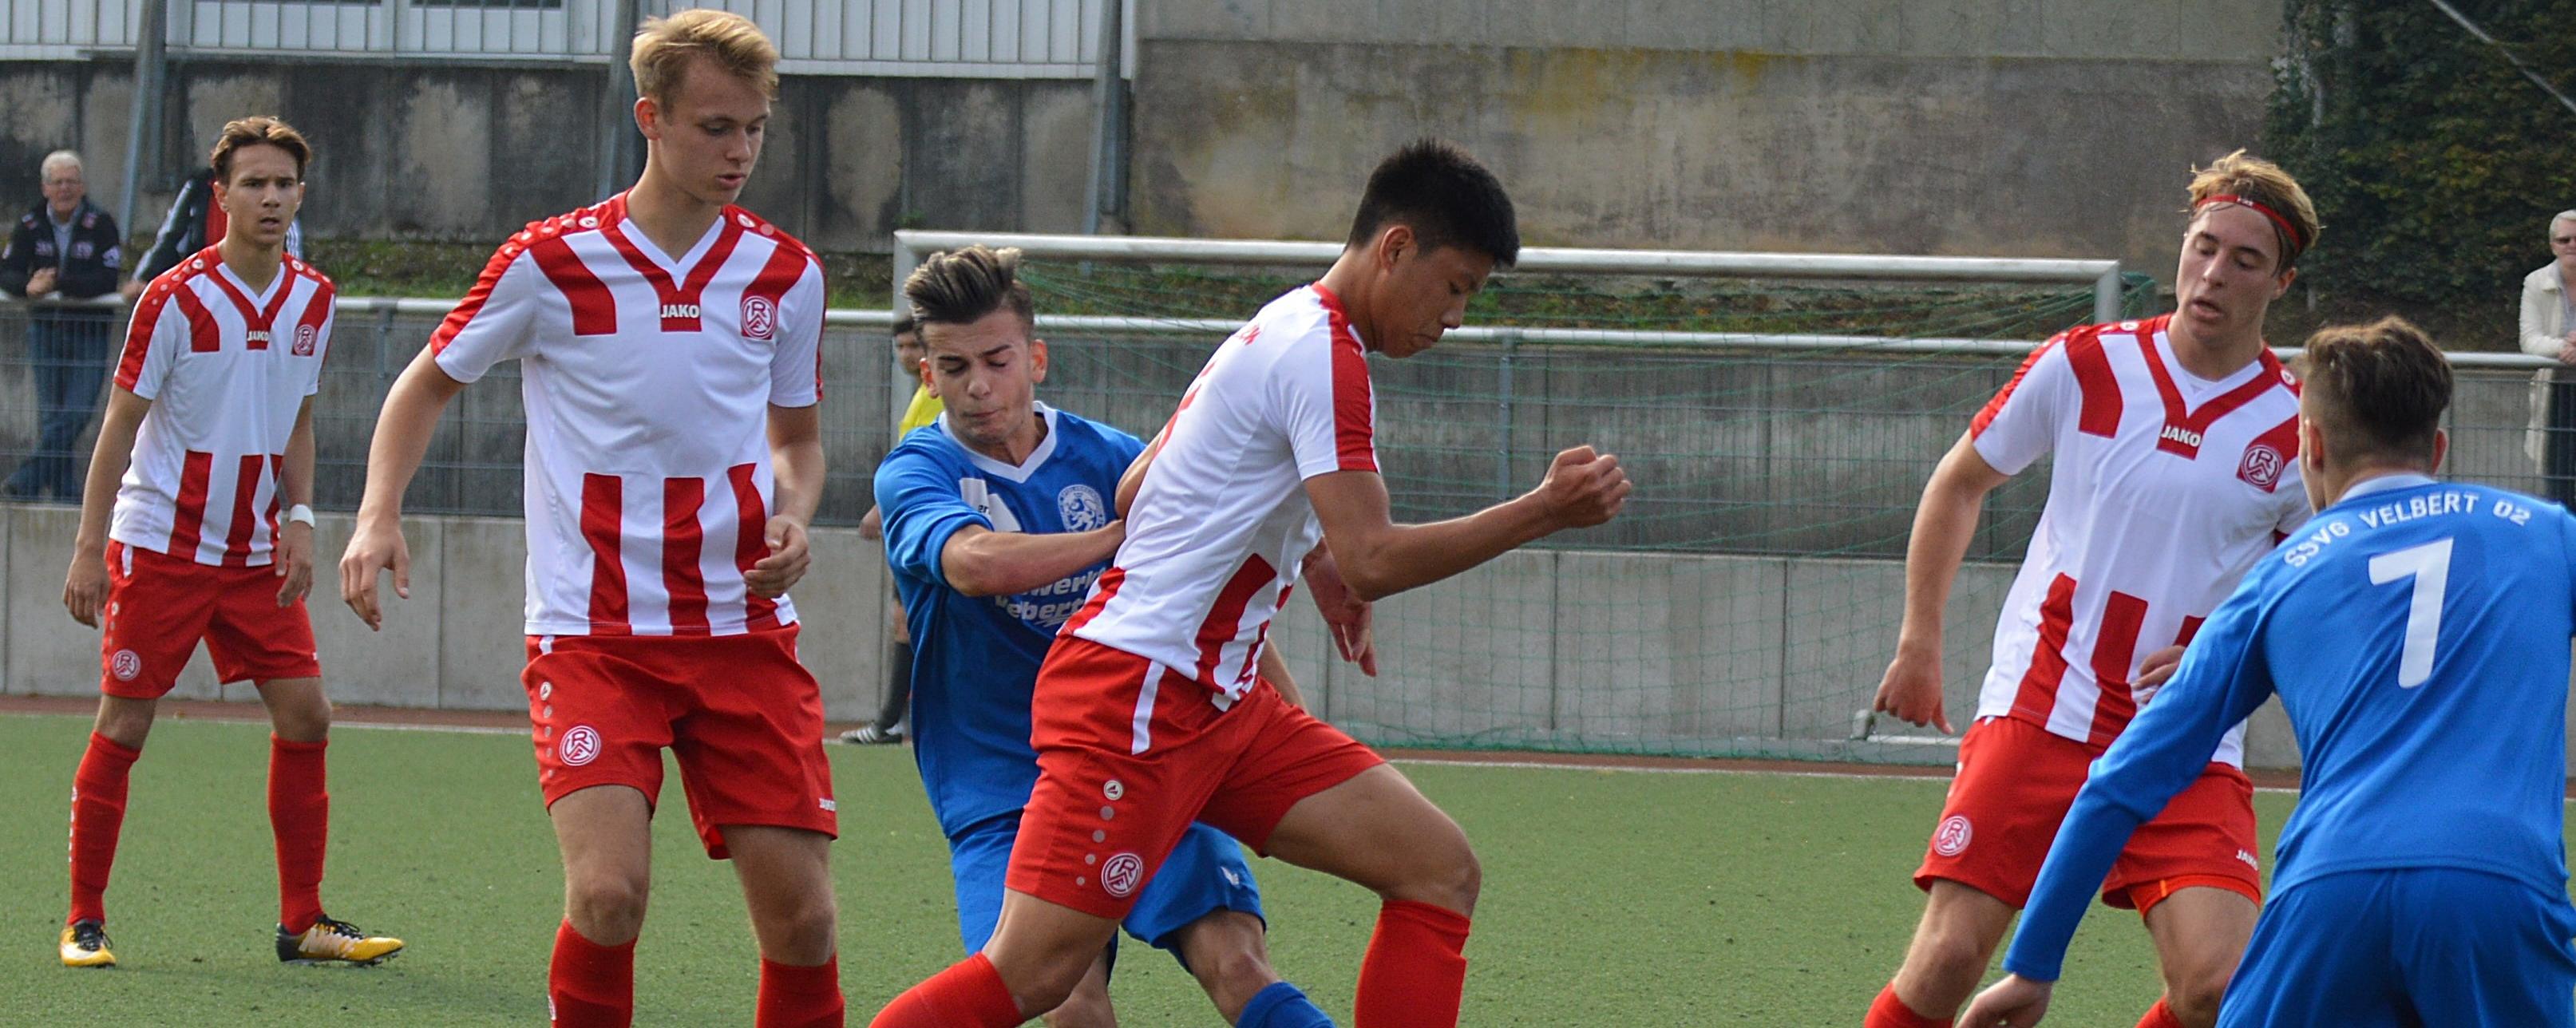 Die U19 von RWE ist am Wochenende gegen die SSVg Velbert gefordert. (Foto: Skuppin)